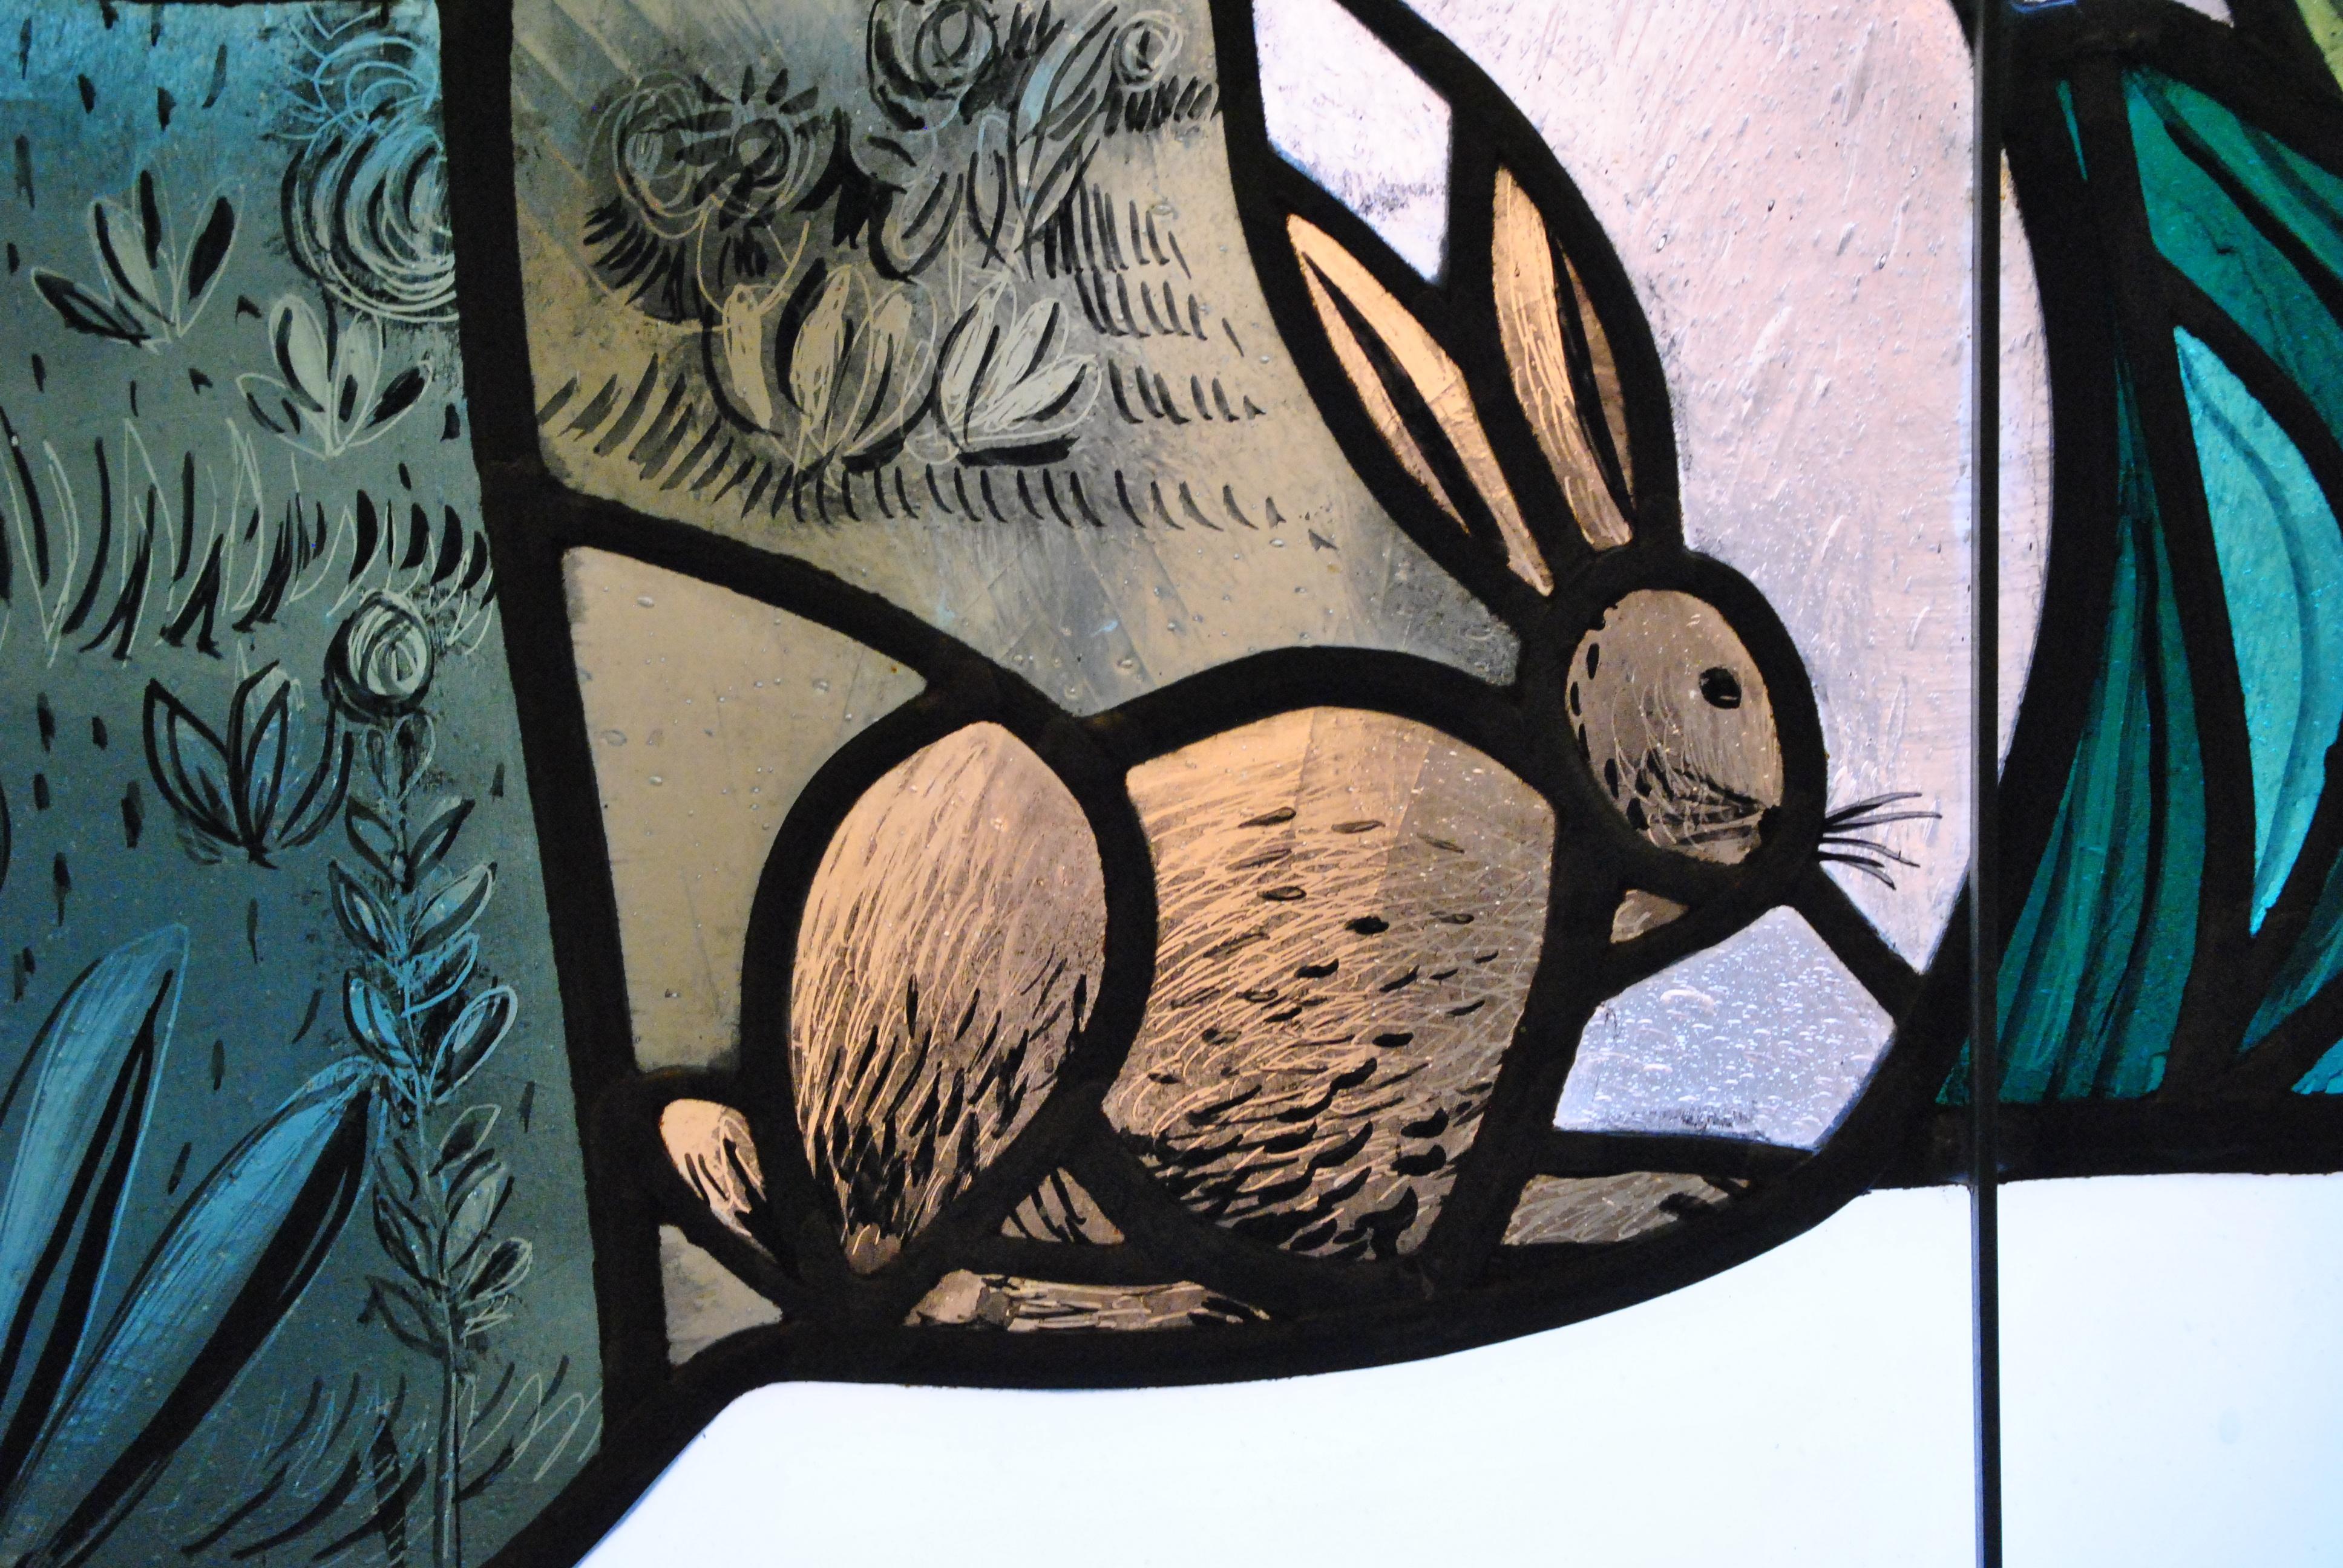 Gambar Kelinci Sketsa Gambar Ilustrasi Lukisan Dinding Paskah